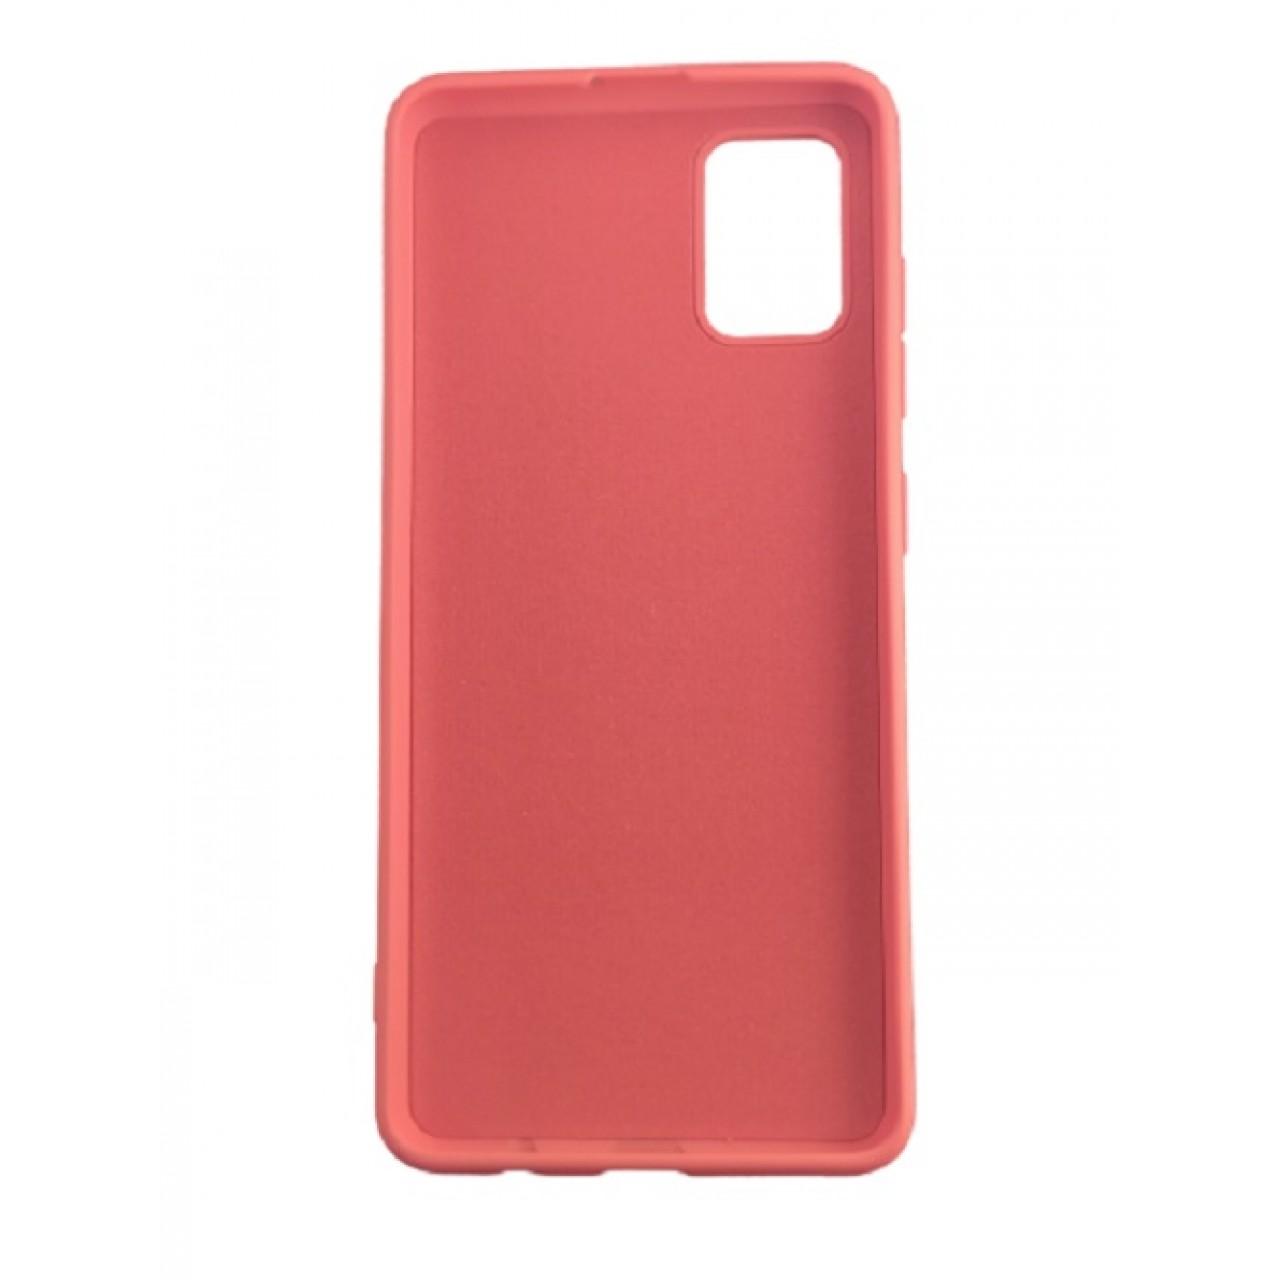 ΘΗΚΗ ΠΡΟΣΤΑΣΙΑΣ ΣΙΛΙΚΟΝΗΣ ΓΙΑ Samsung A71 ΚΟΡΑΛΙ - BACK COVER SILICONE CASE CORAL - OEM